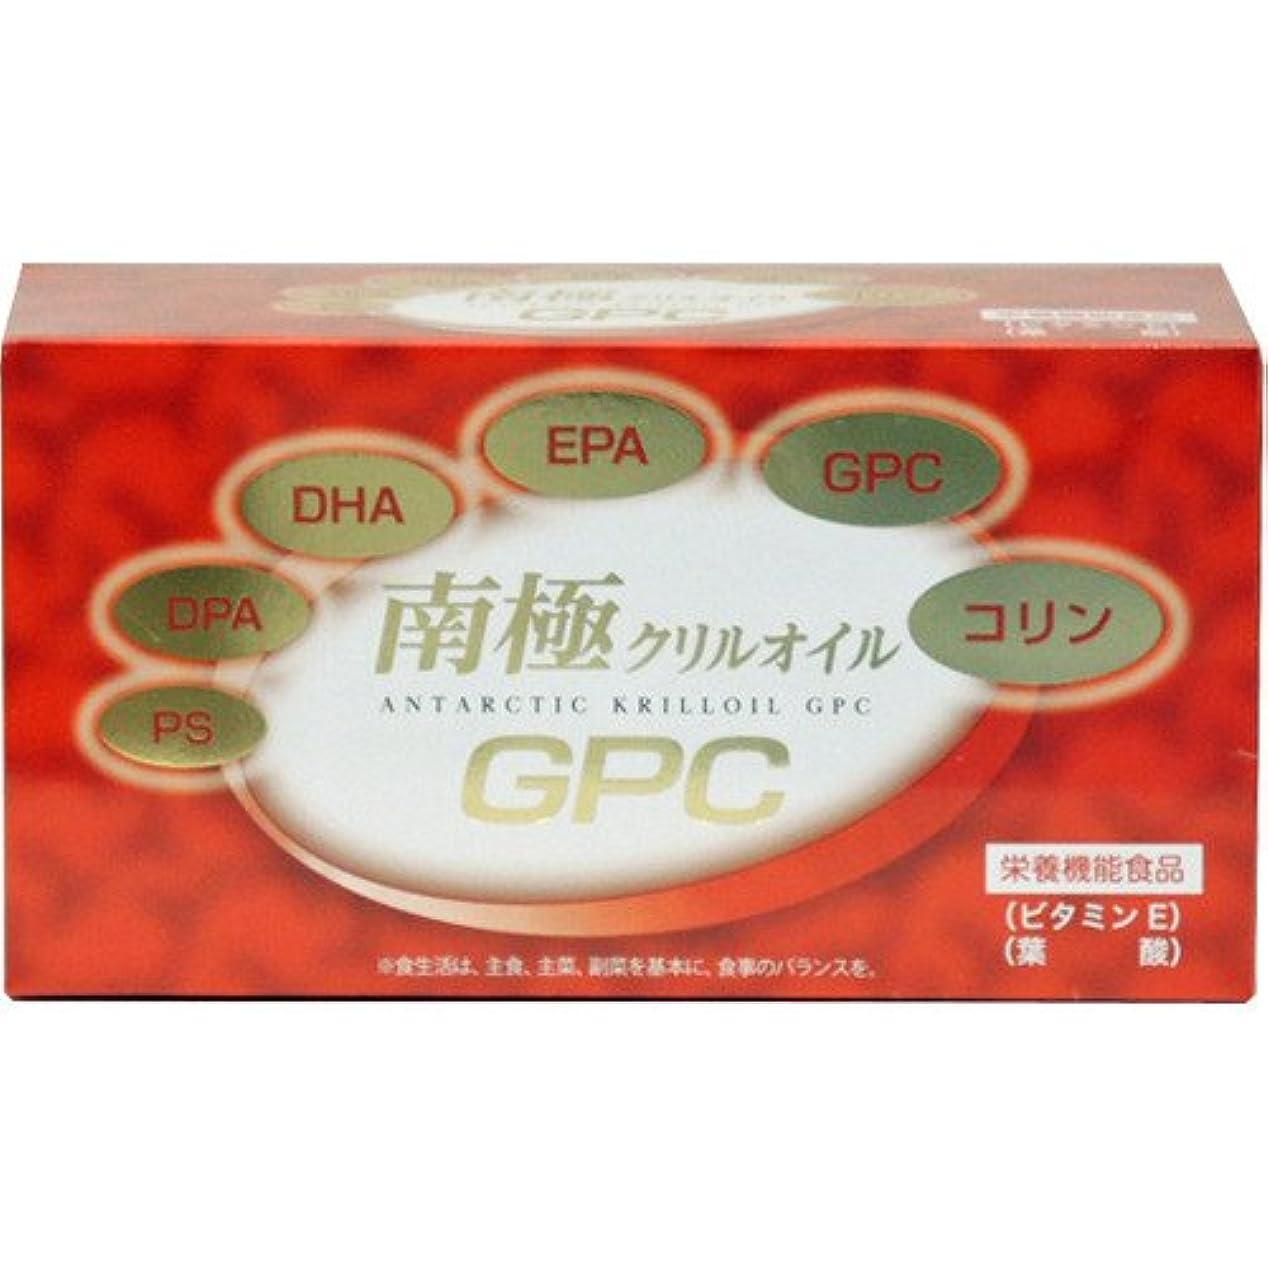 規制線形ポルノロイヤルジャパン 南極クリルオイル&GPC 120粒(460mg×4粒入り×30袋)